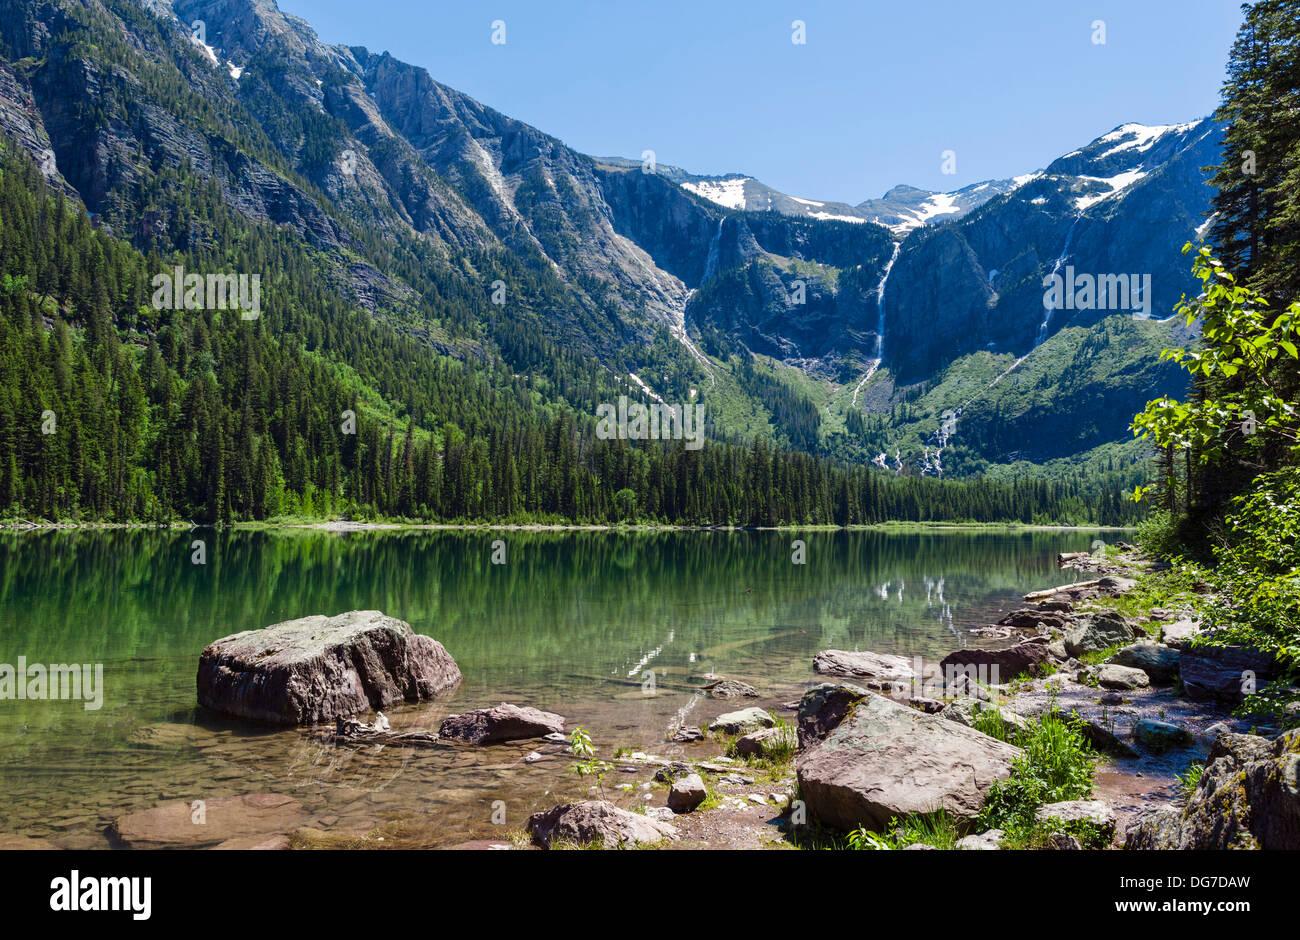 Avalancha Avalancha en el lago Lake Trail, el parque nacional de Glacier, Montana, EE.UU. Imagen De Stock